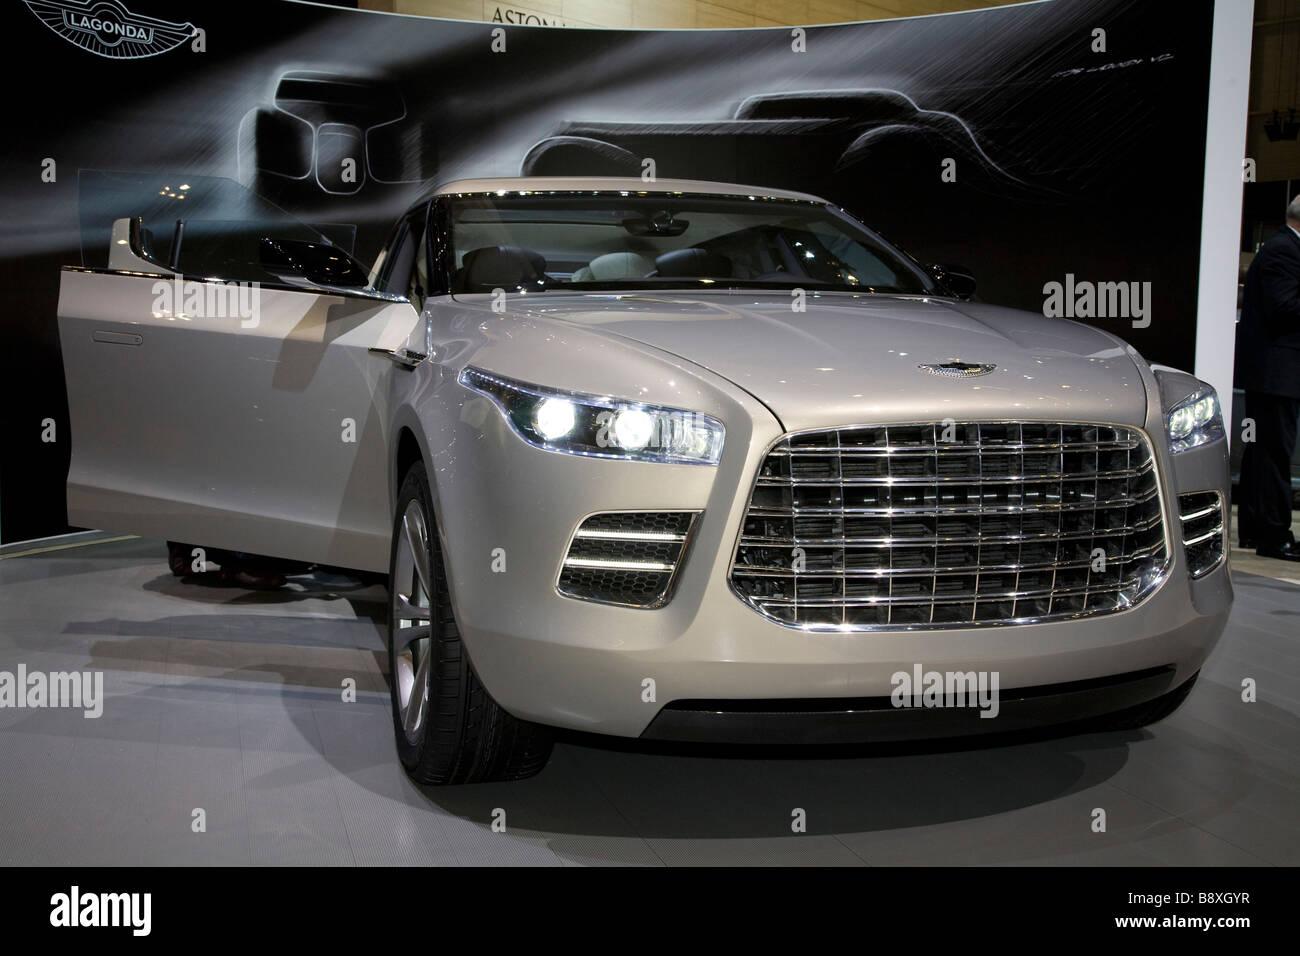 Aston Martin Lagonda auf einem europäischen motor Show gezeigt. Stockbild